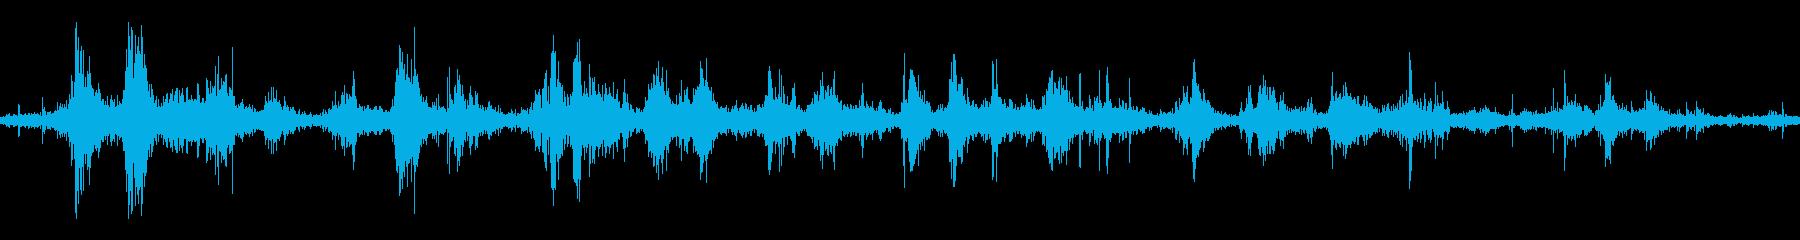 フラッグフラップシェーキングパラシュートの再生済みの波形